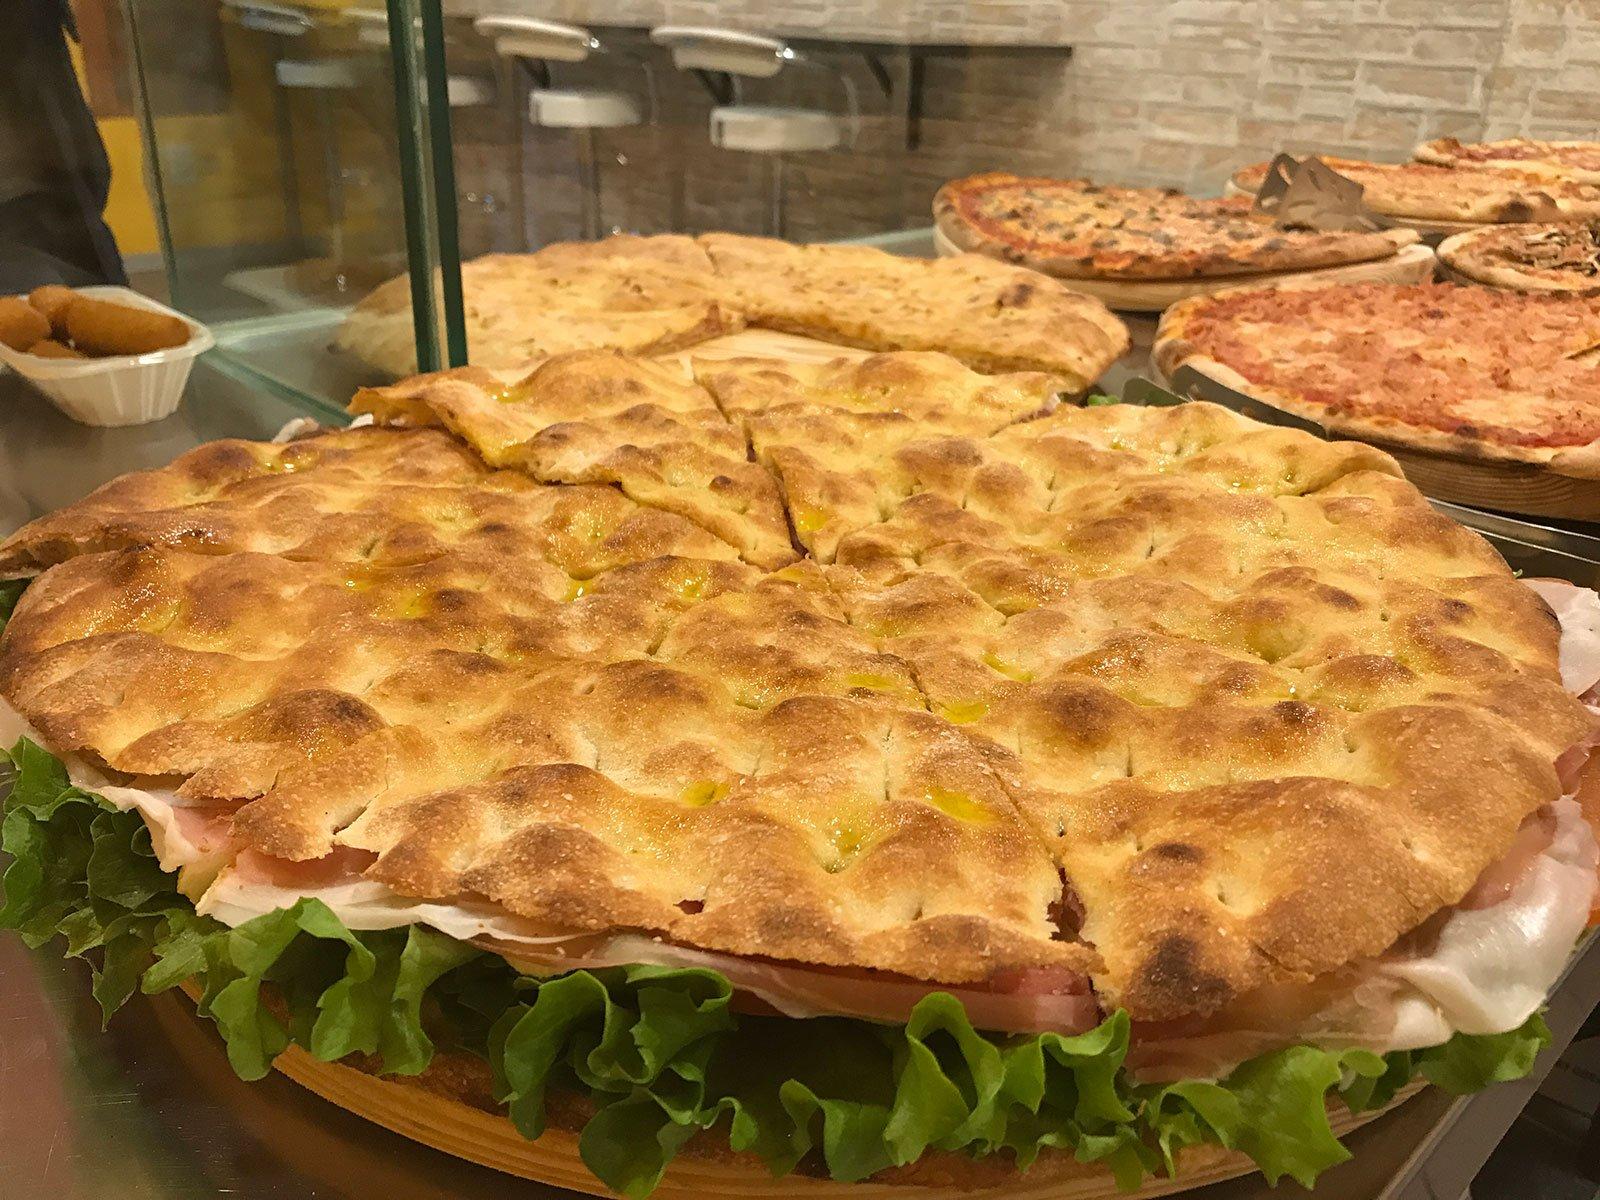 un enorme sandwich di pizza farcito